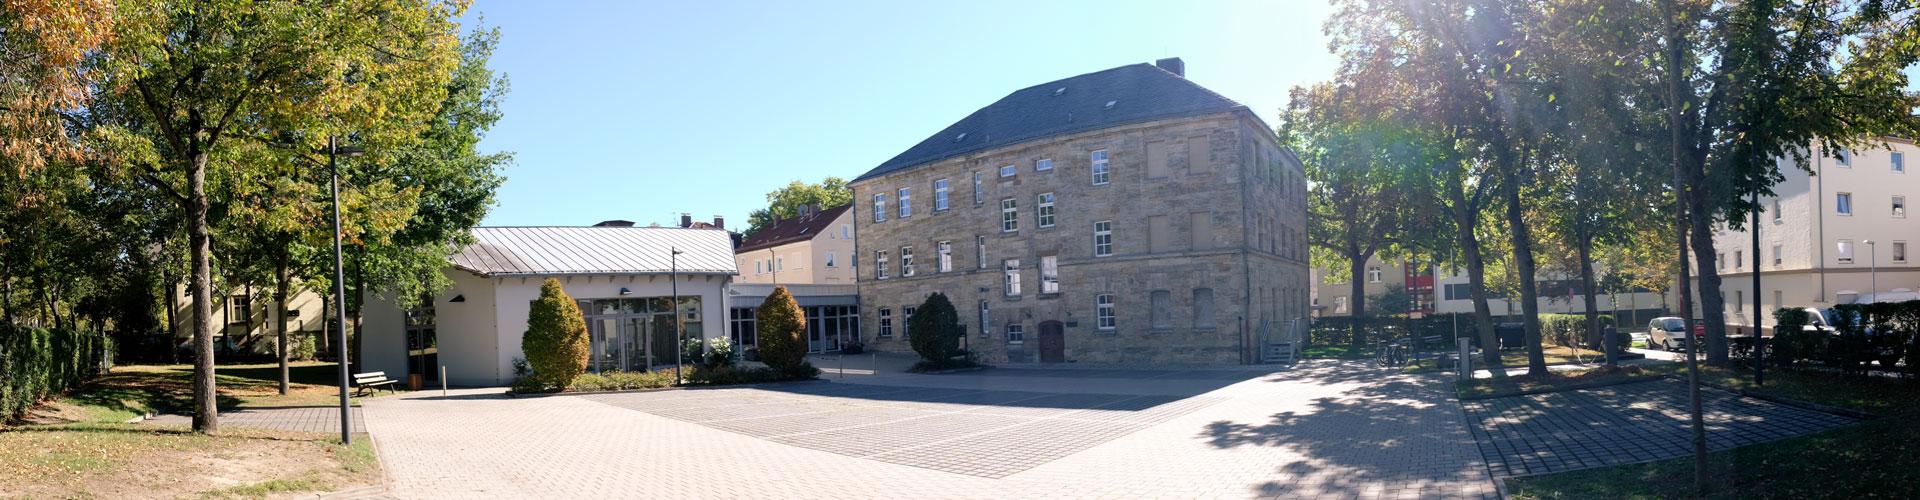 Musikschule Bayreuth Außenansicht